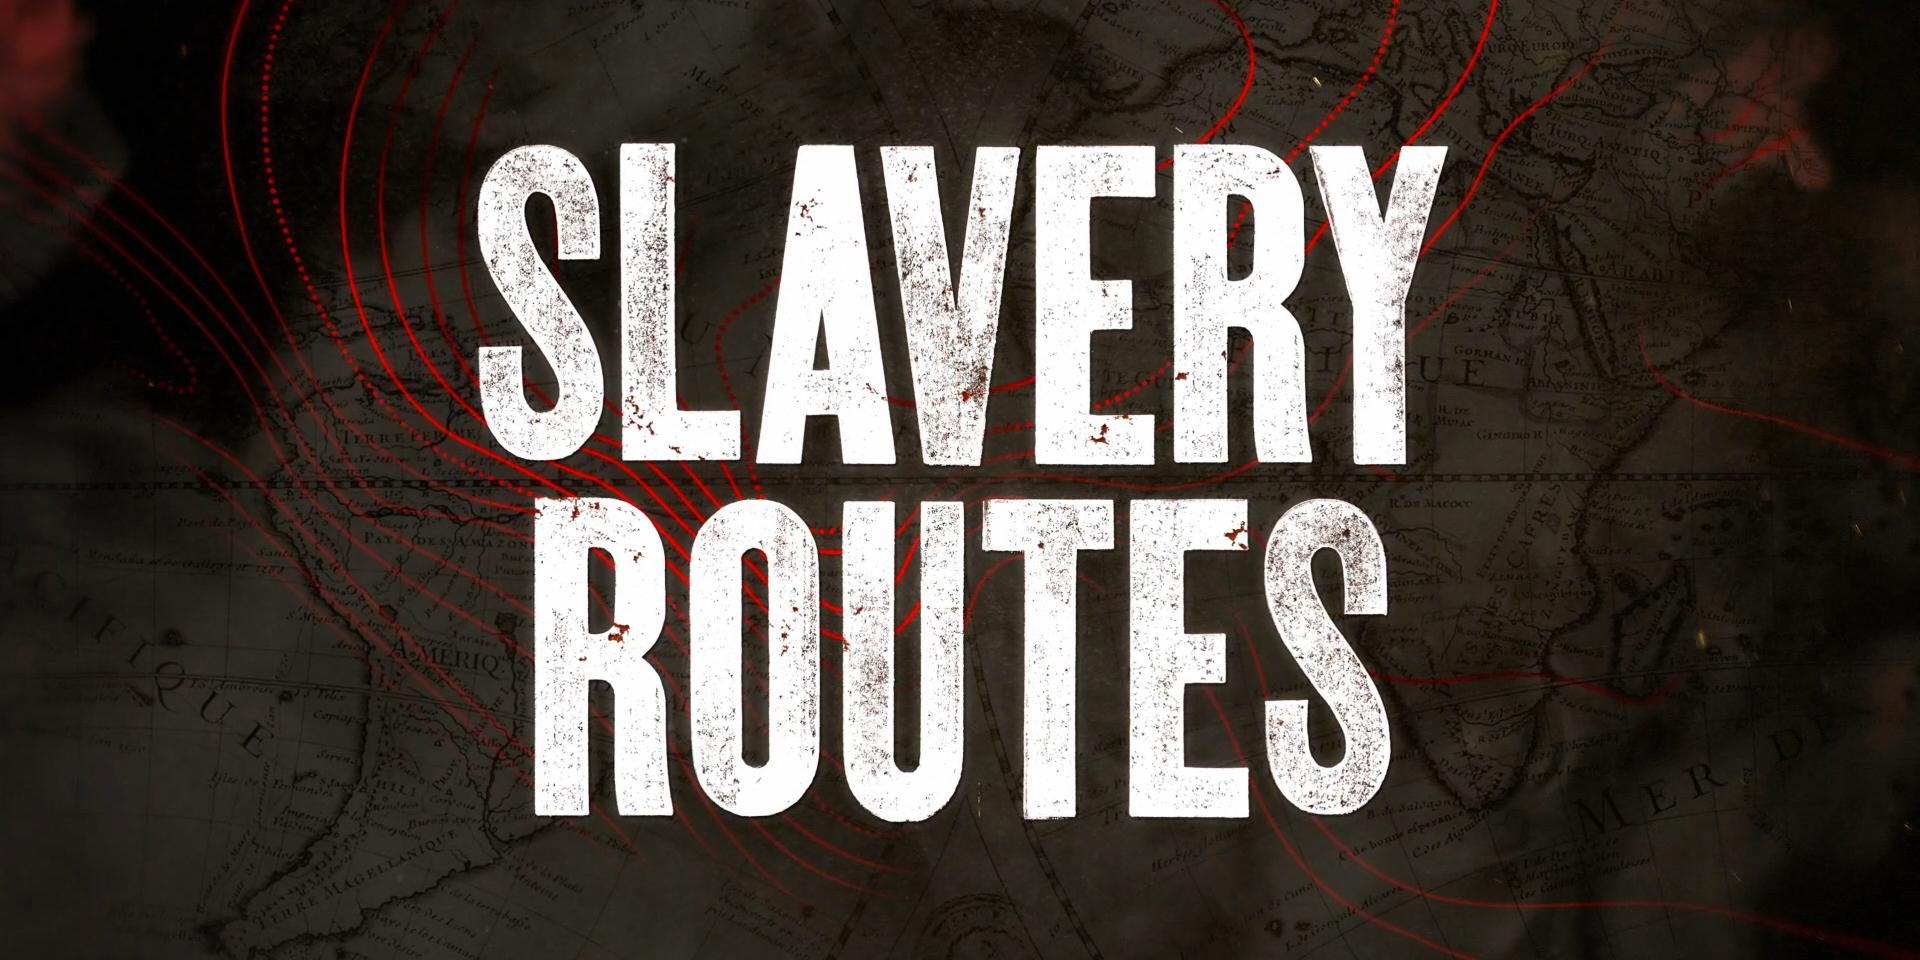 Les Routes de l'Esclavage – Title